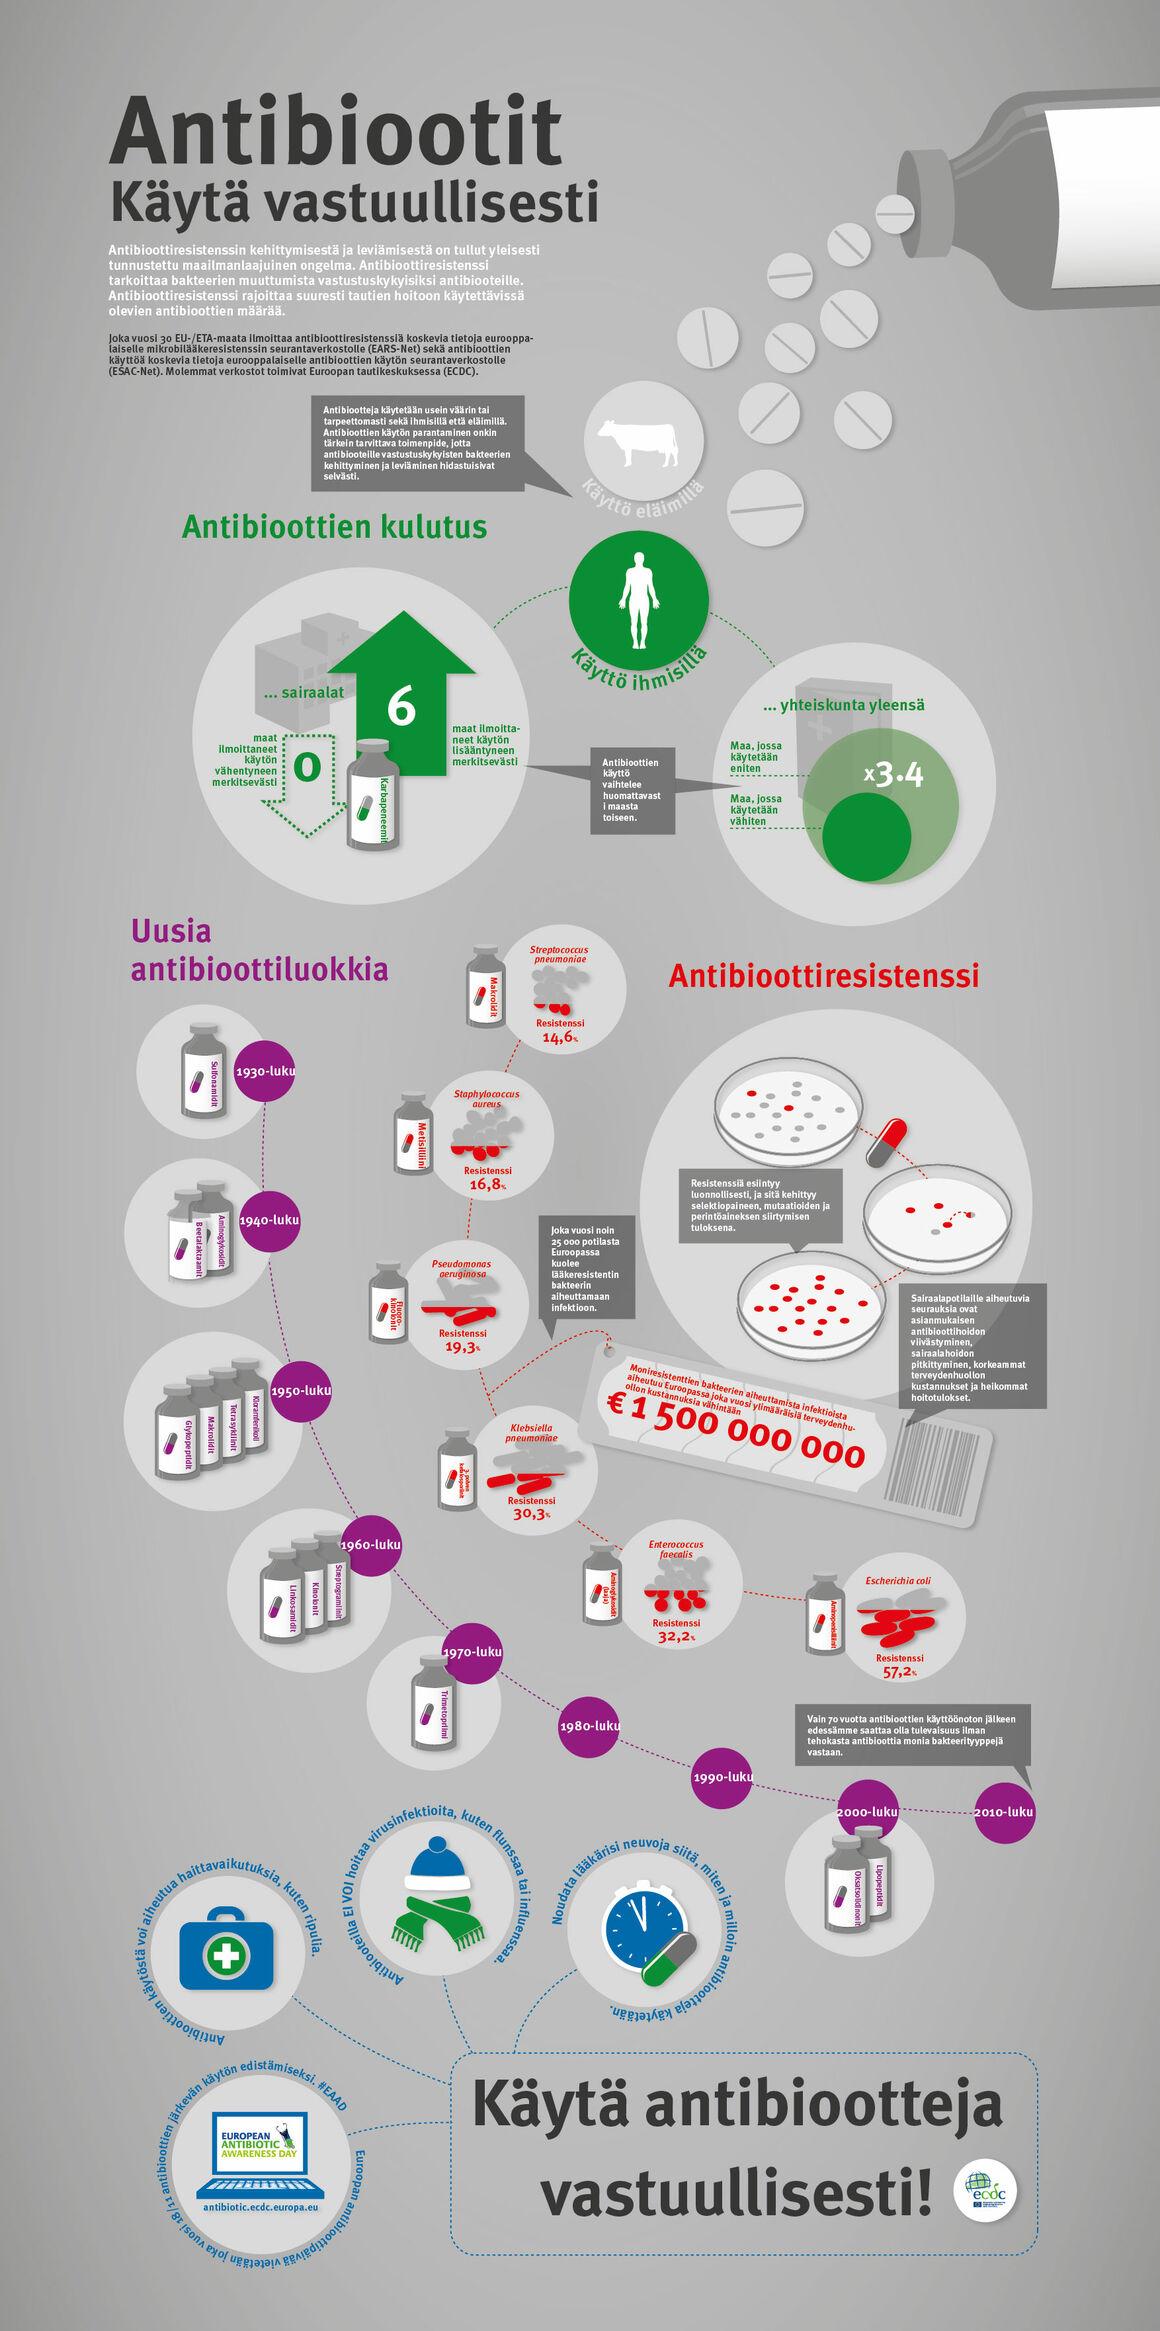 Antibiootit - Käytä vastuullisesti